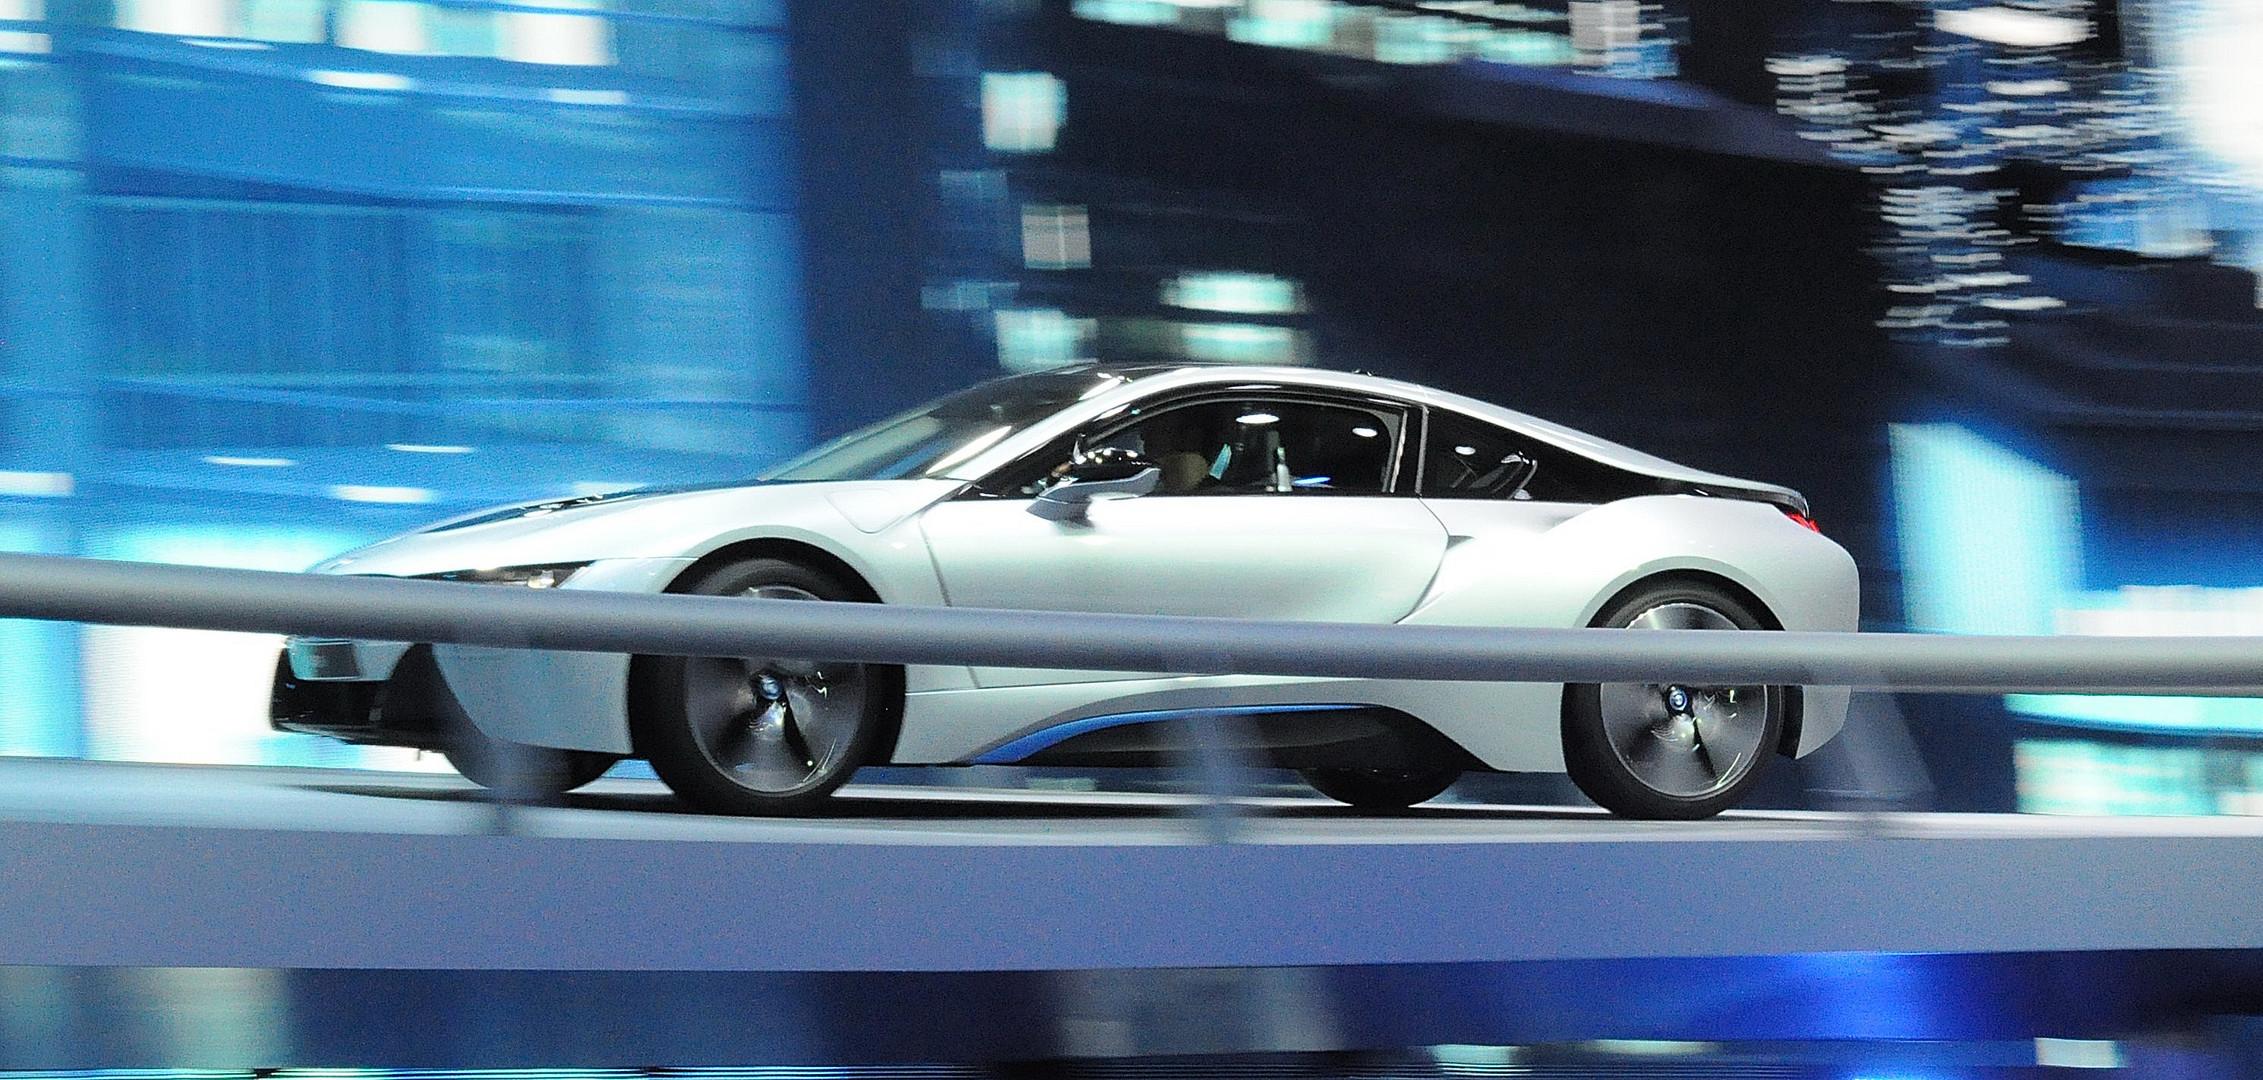 Der neue BMW I 8 in der Bewegung IAA 3013 Frankfurt